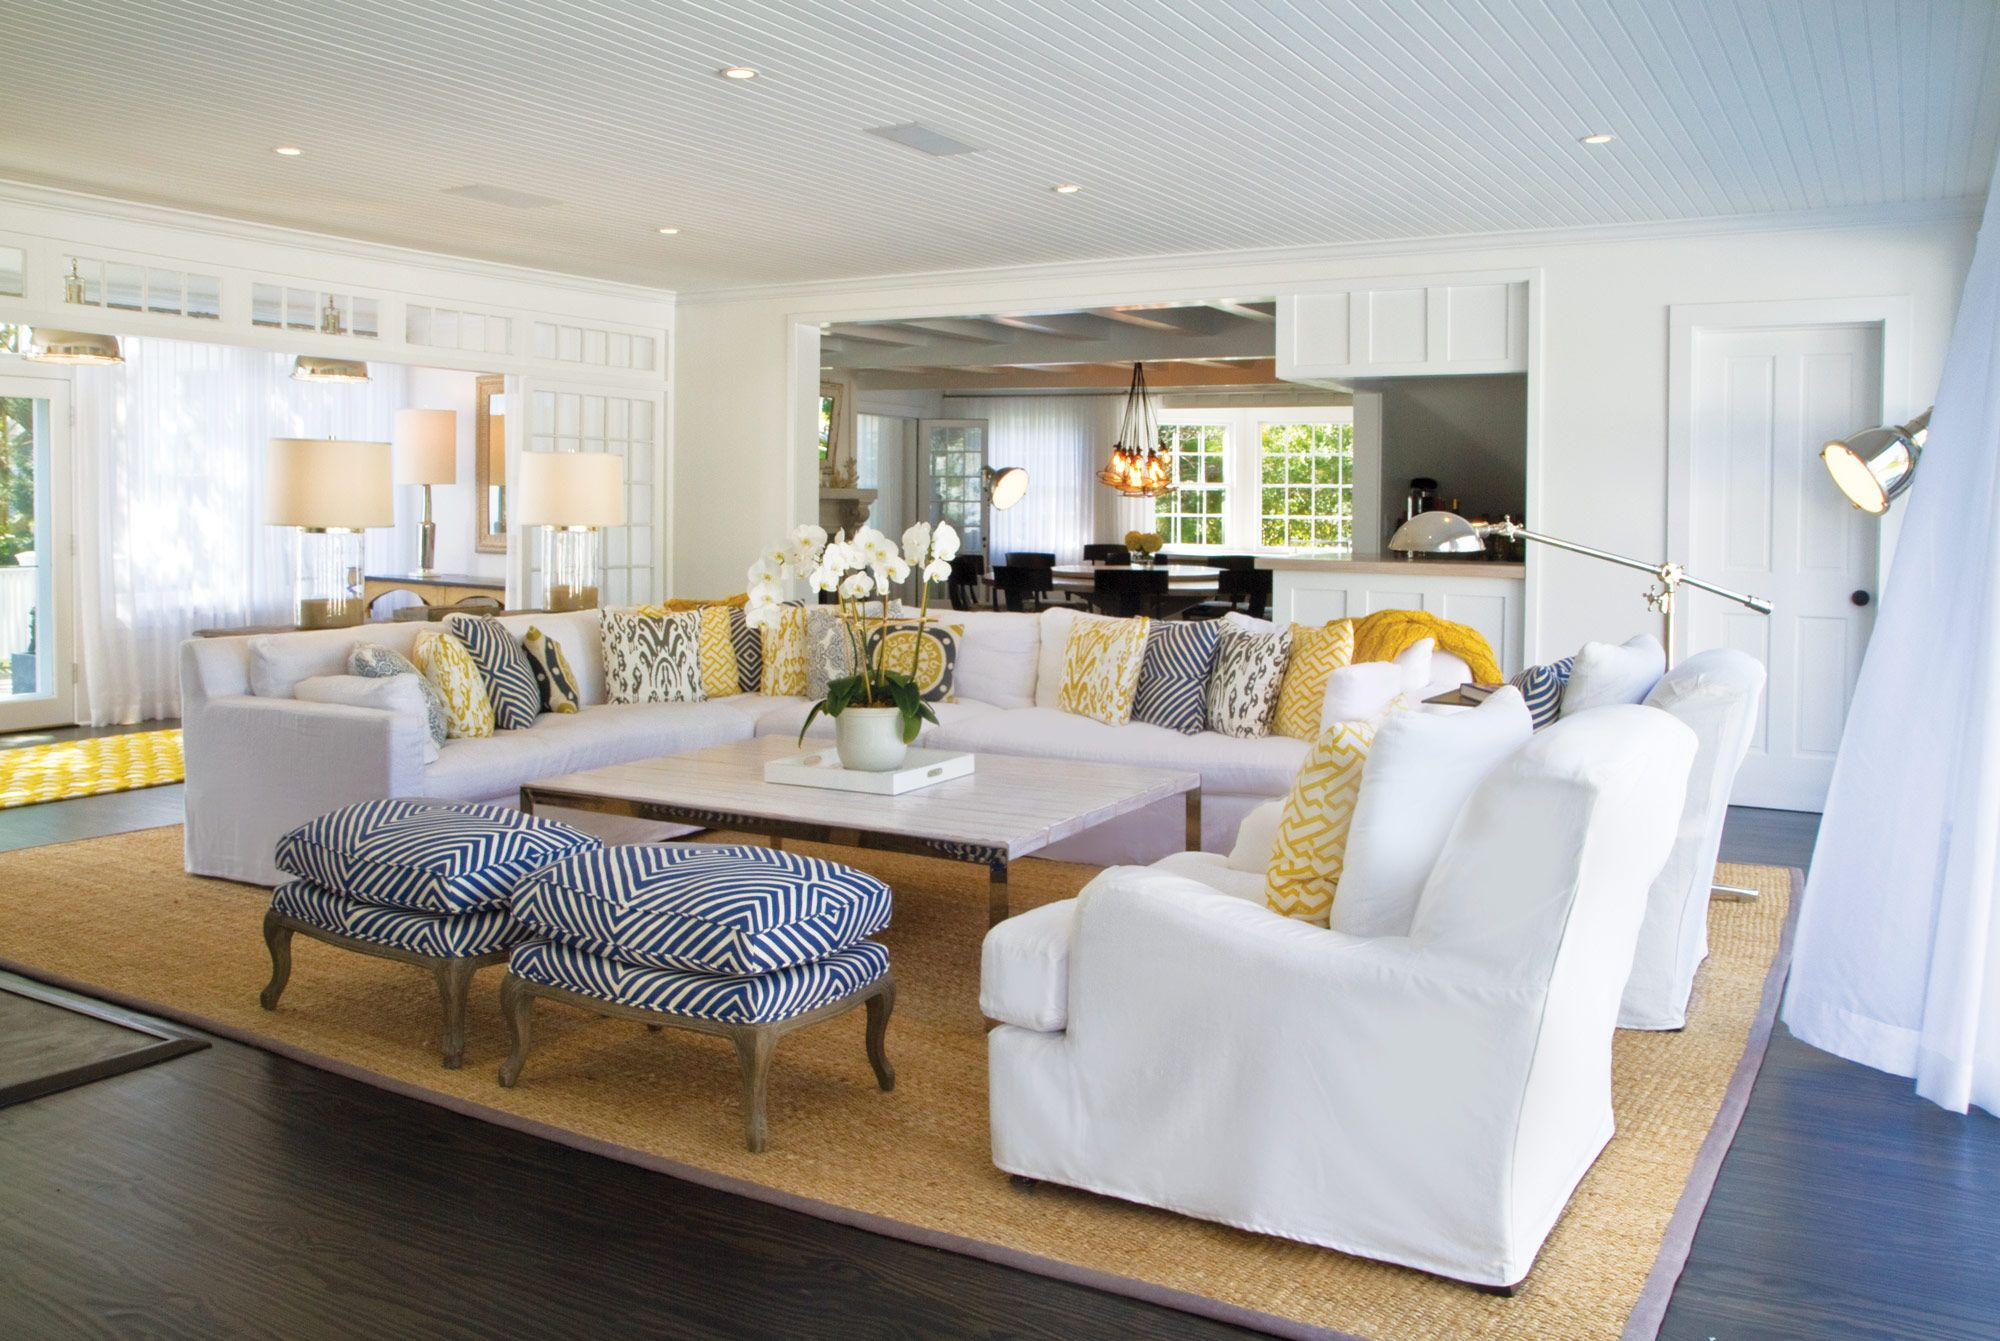 East Hampton Beach House... I love this design! The white furniture ...